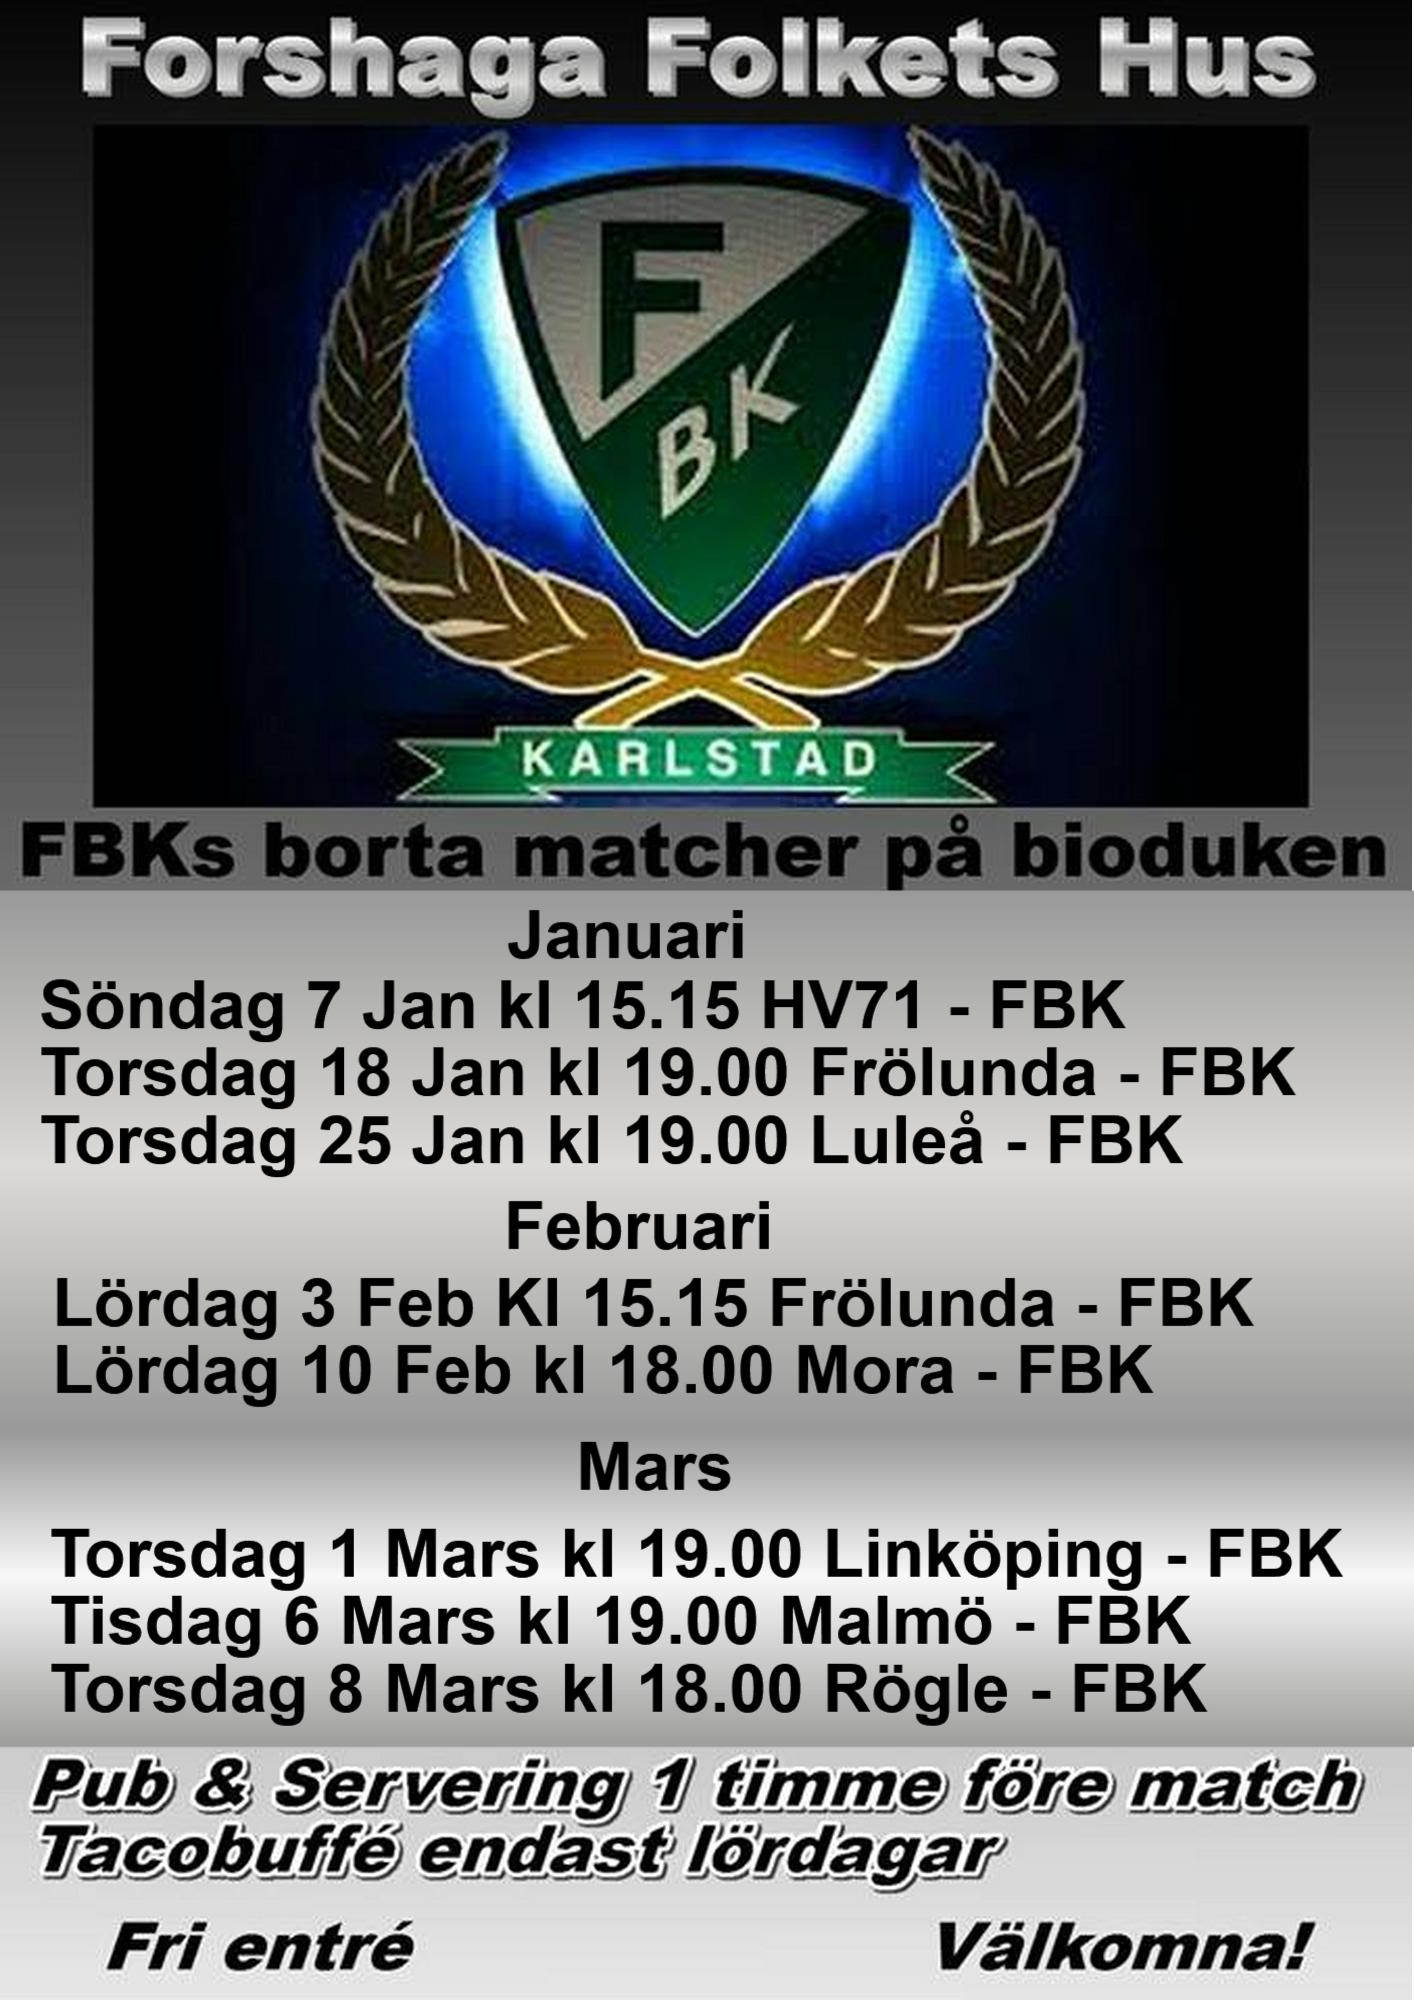 FBKs jan, feb, mars